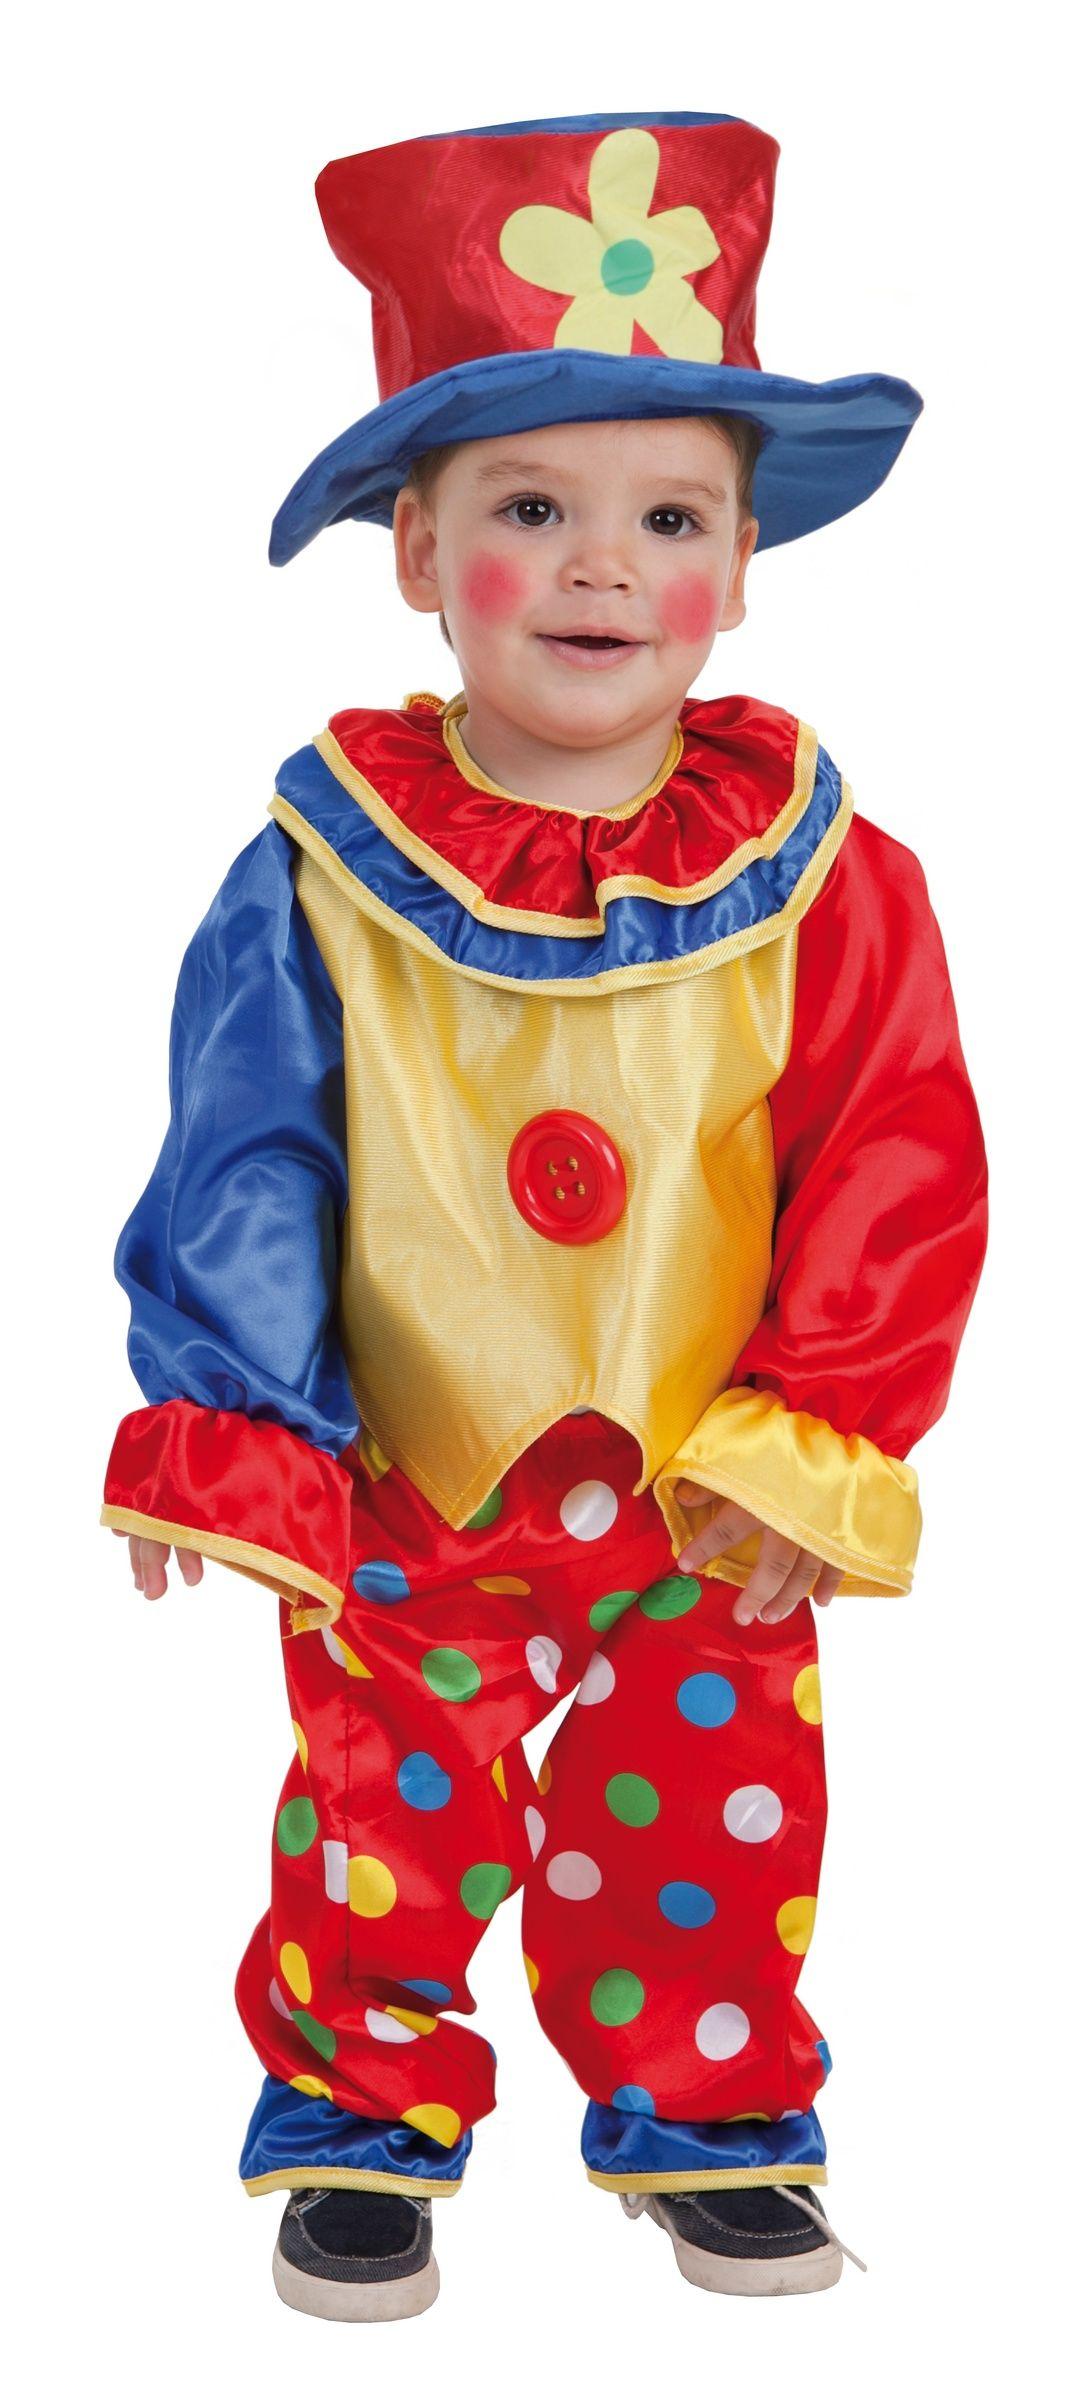 Disfraz de Payaso Pepon Un divertido disfraz para tu bebe que